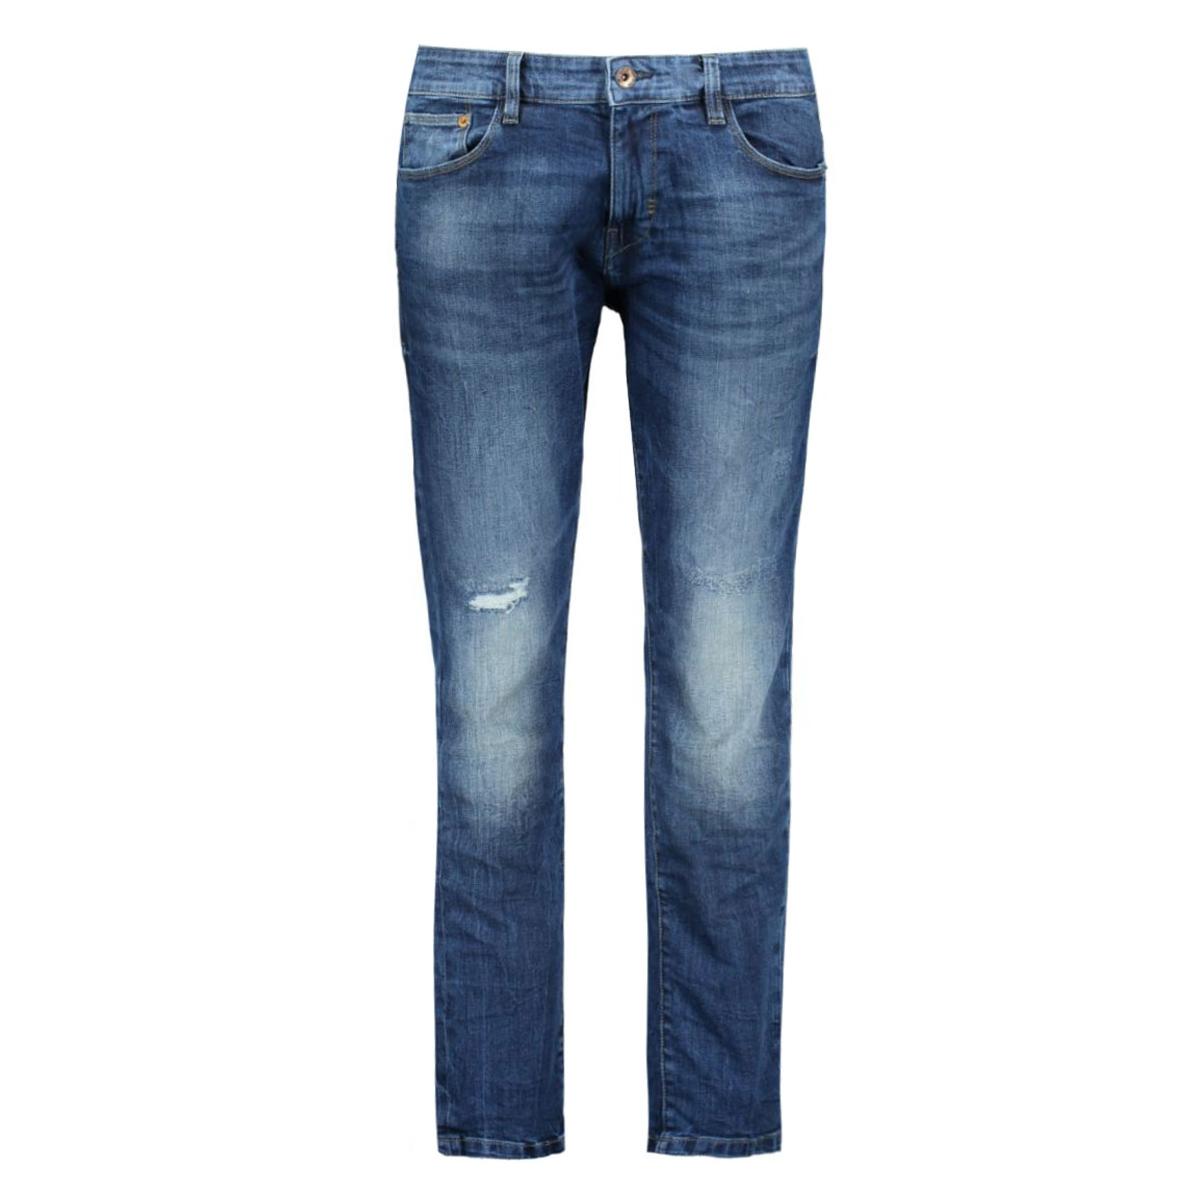 126ee2b005 esprit jeans e902